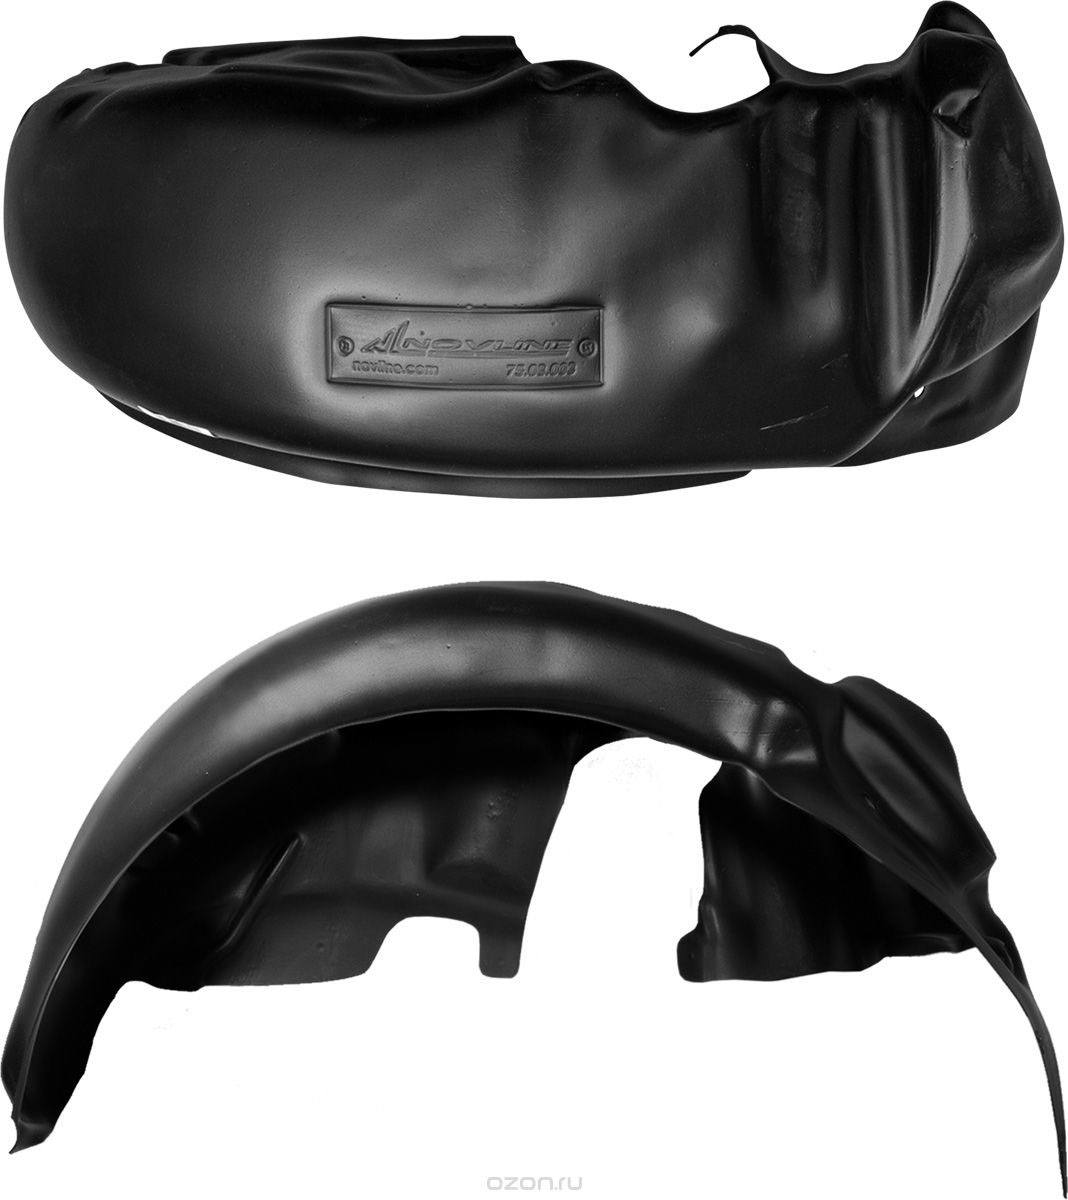 Подкрылок Novline-Autofamily, для Mitsubishi Outlander, 2015->, задний левыйNLL.35.31.003Идеальная защита колесной ниши. Локеры разработаны с применением цифровых технологий, гарантируют максимальную повторяемость поверхности арки. Изделия устанавливаются без нарушения лакокрасочного покрытия автомобиля, каждый подкрылок комплектуется крепежом. Уважаемые клиенты, обращаем ваше внимание, что фотографии на подкрылки универсальные и не отражают реальную форму изделия. При этом само изделие идет точно под размер указанного автомобиля.